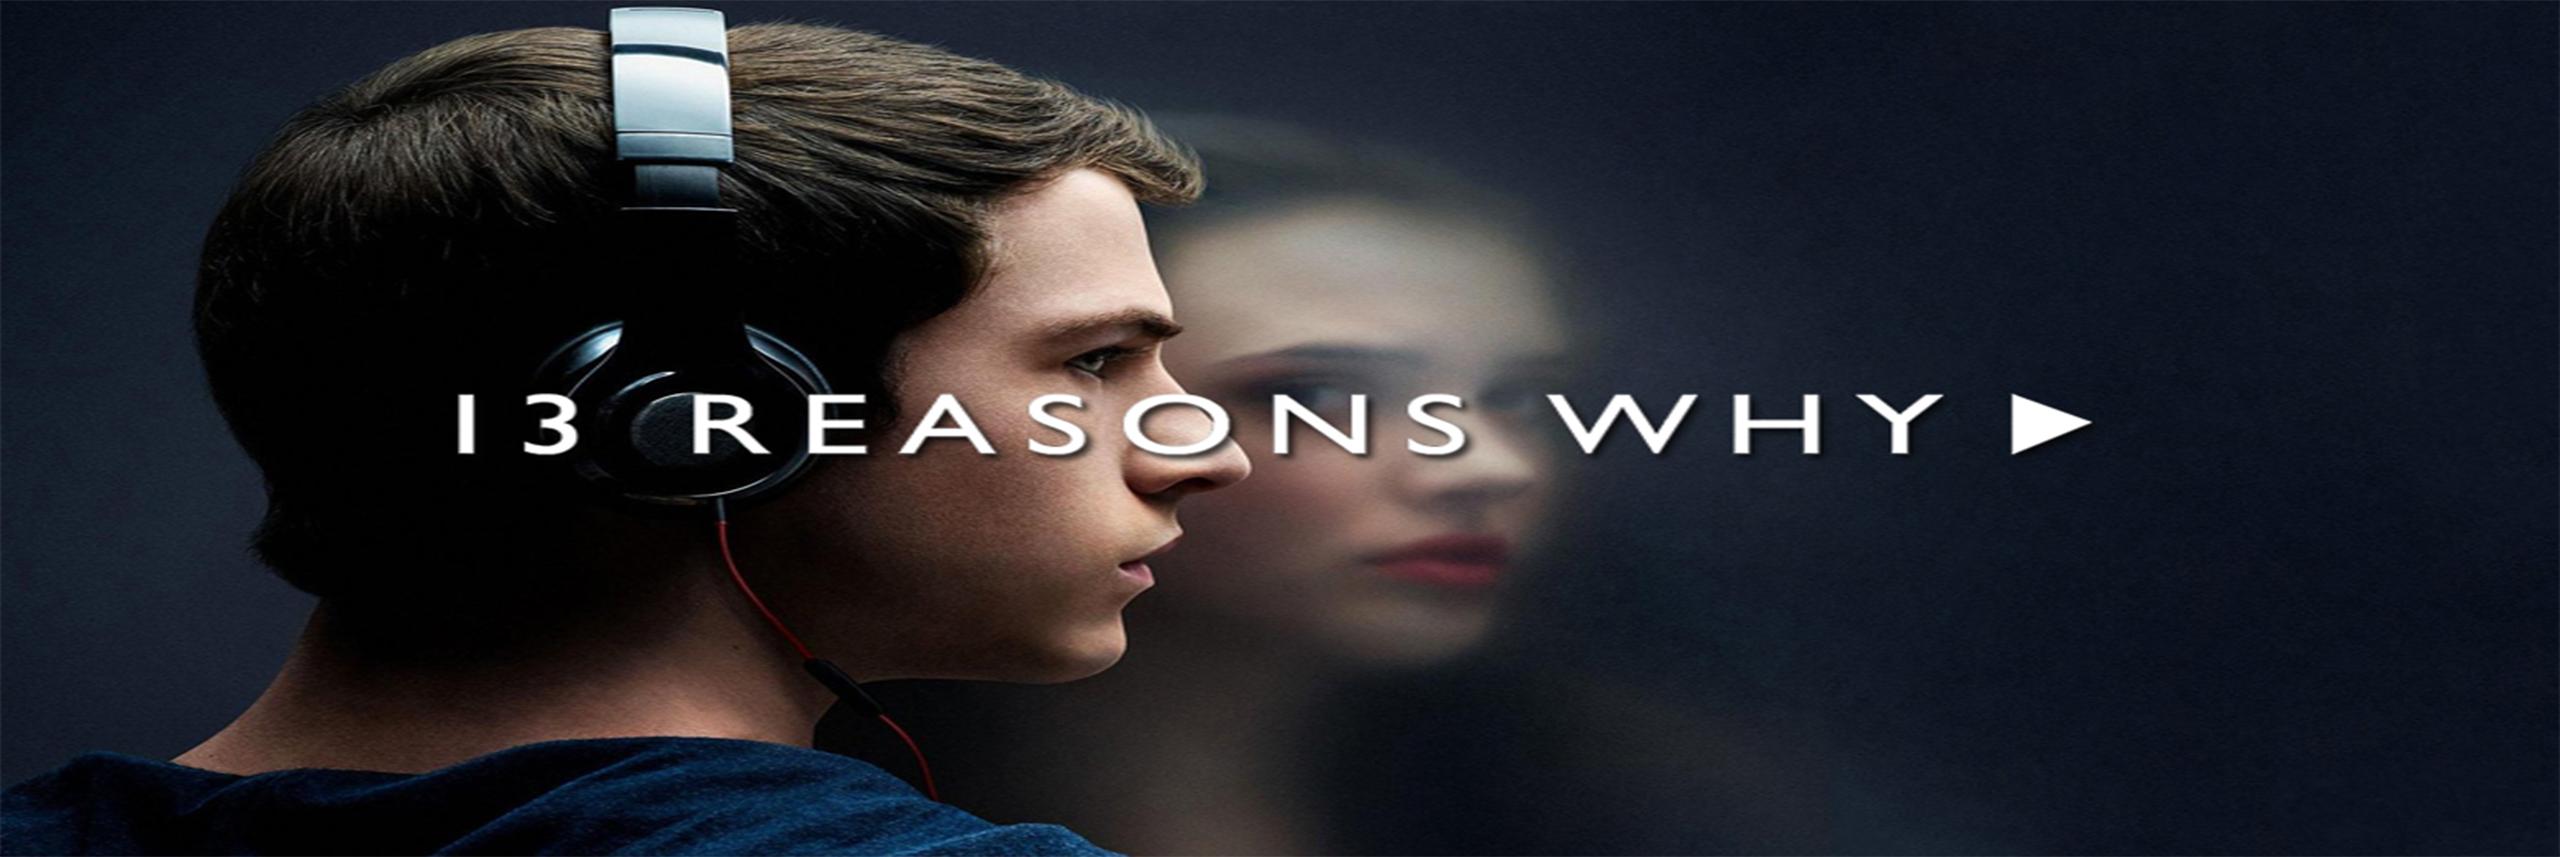 سیزده دلیل برای اینکه – 13Reasons Why